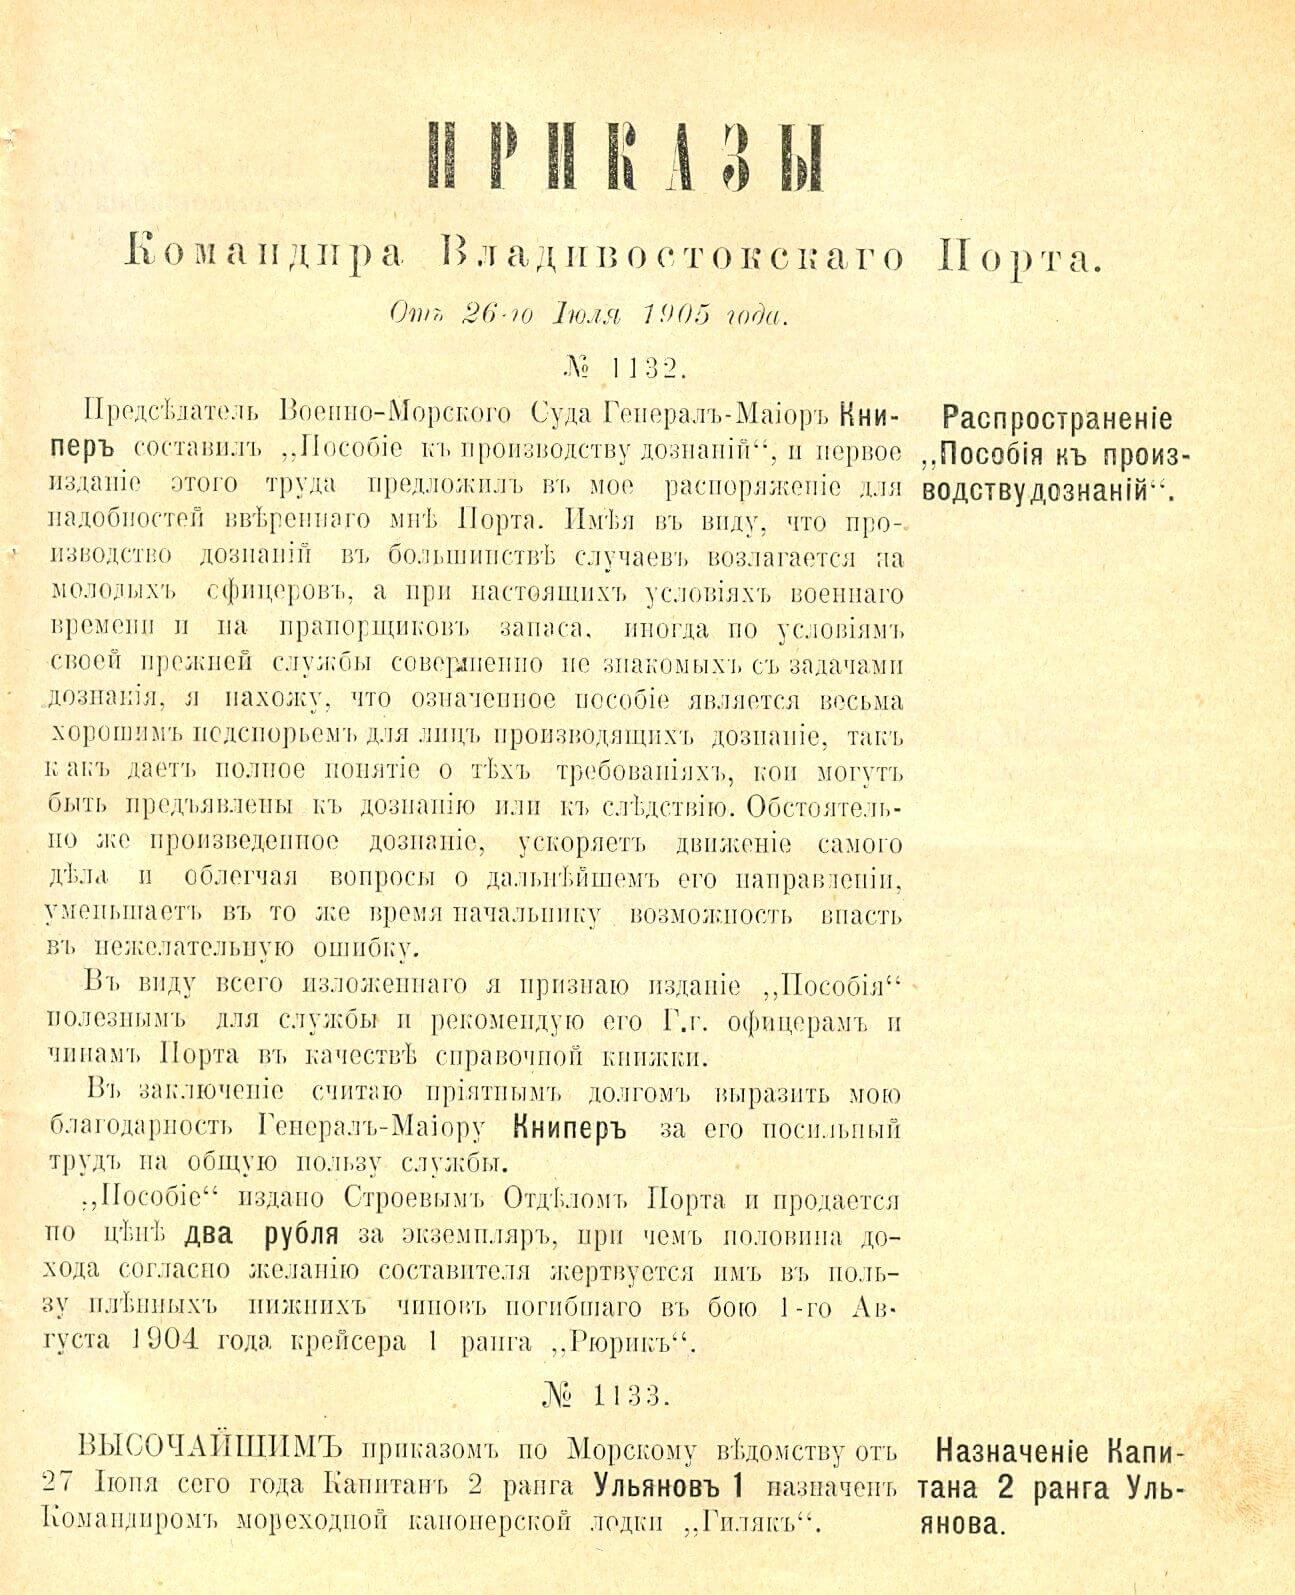 Приказы Командира Владивостокского <br>Порта №№ 1132, 1133